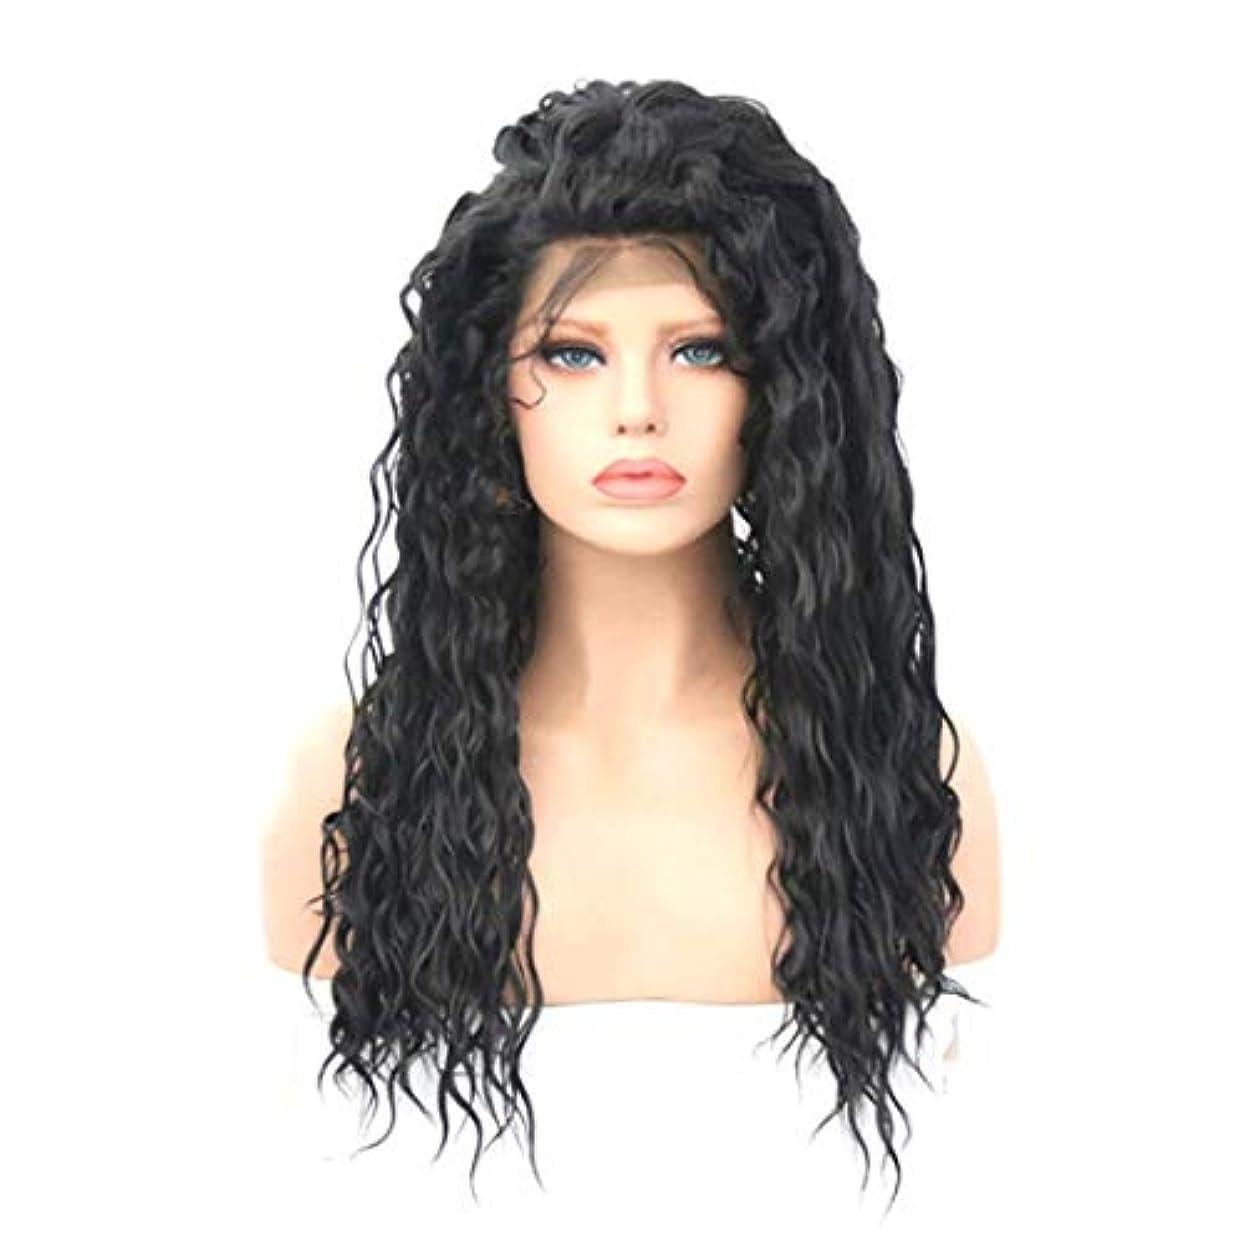 オセアニアチャップ君主Kerwinner 女性のための長い巻き毛のかつらかつらかつらと人工的な毛髪のかつら本物の髪として自然なかつら (Size : 22inch)